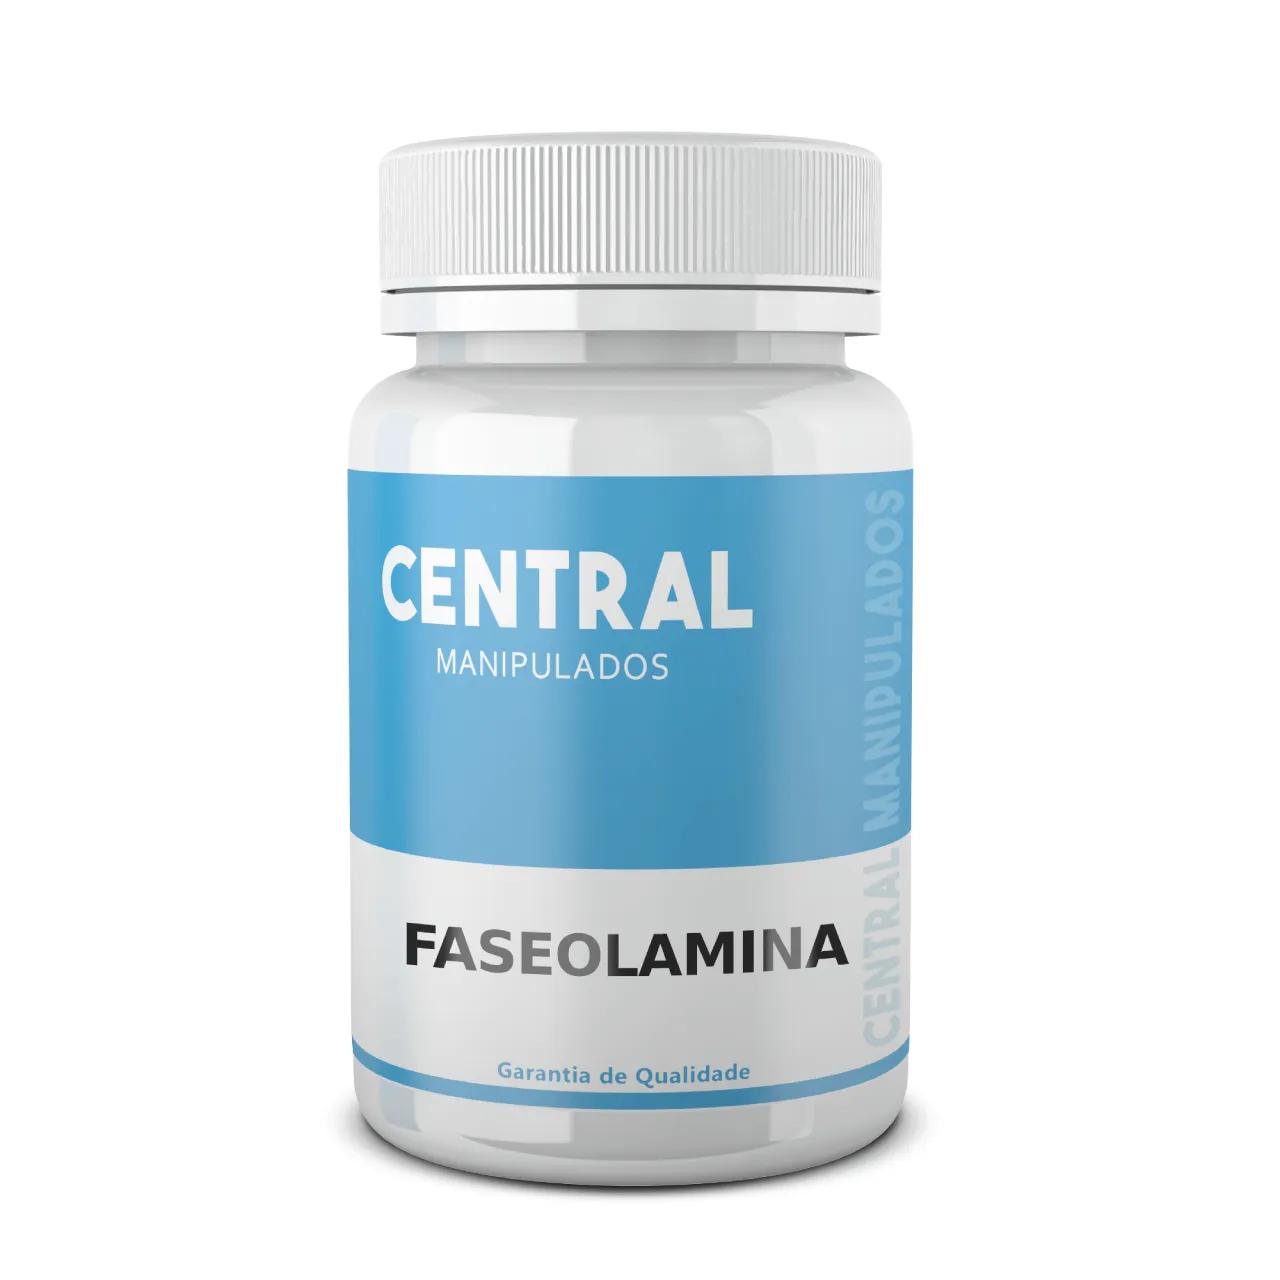 Faseolamina 500mg - 240 cápsulas - Emagrecedor e Bloqueador de Carboidratos